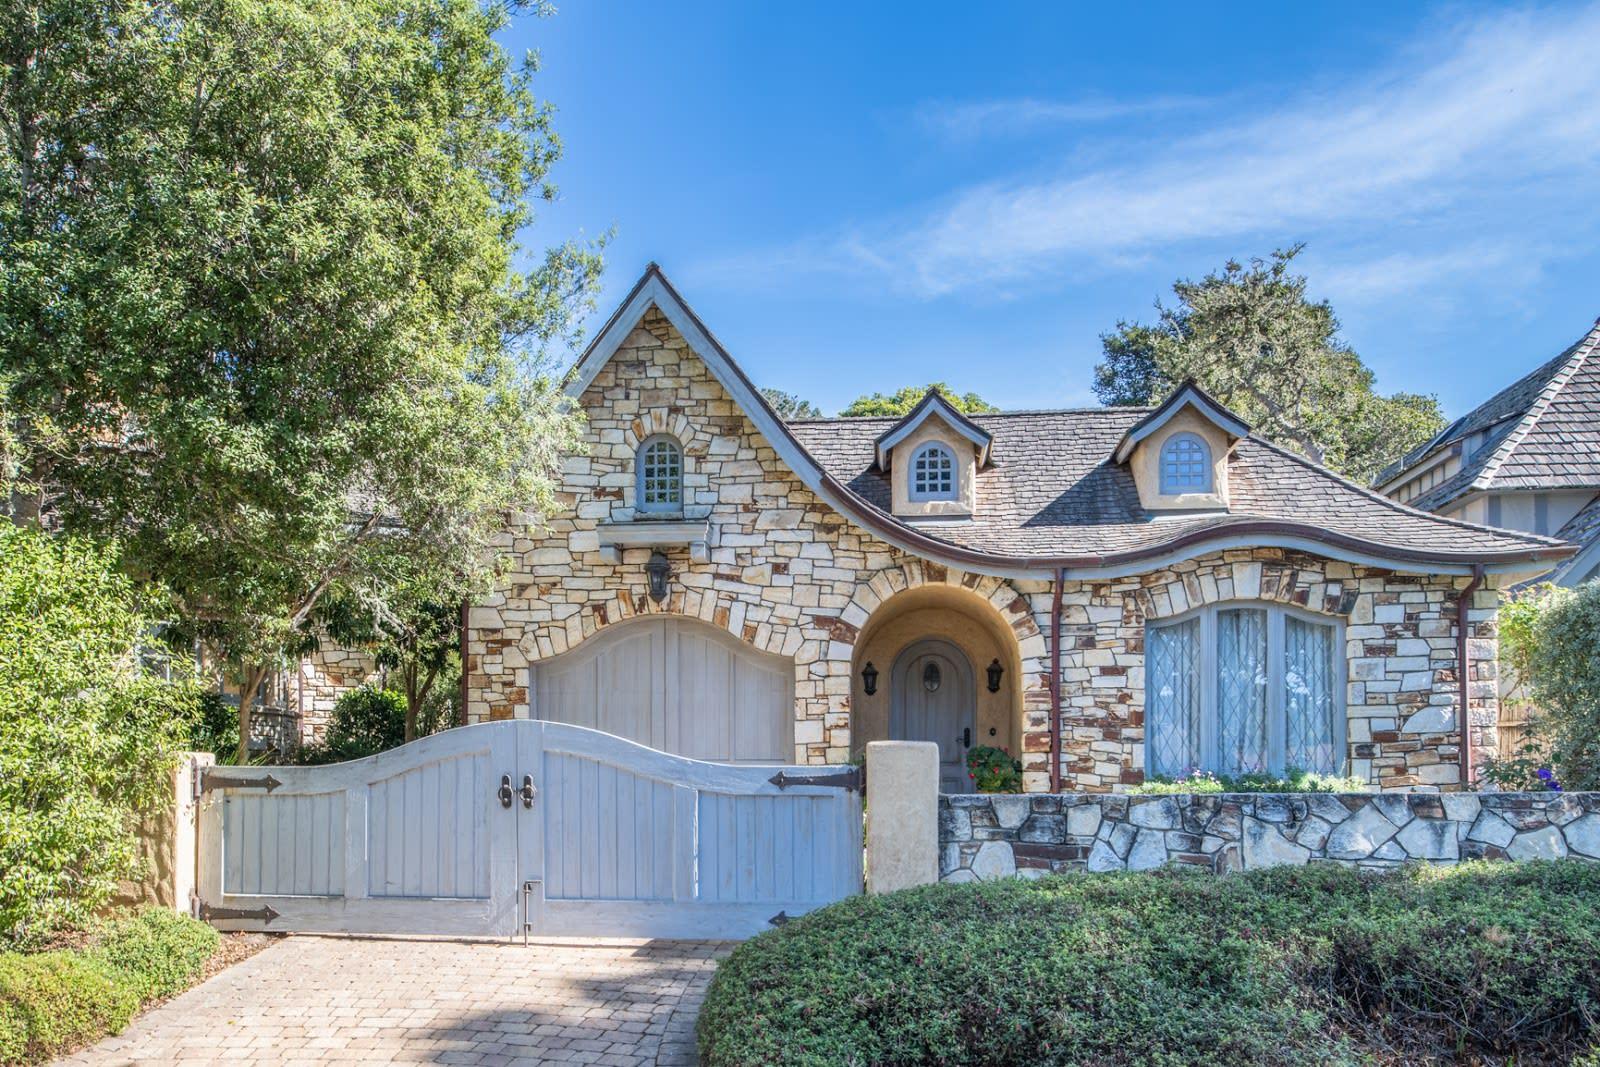 5 Whimsical Fairytale Homes in Carmel